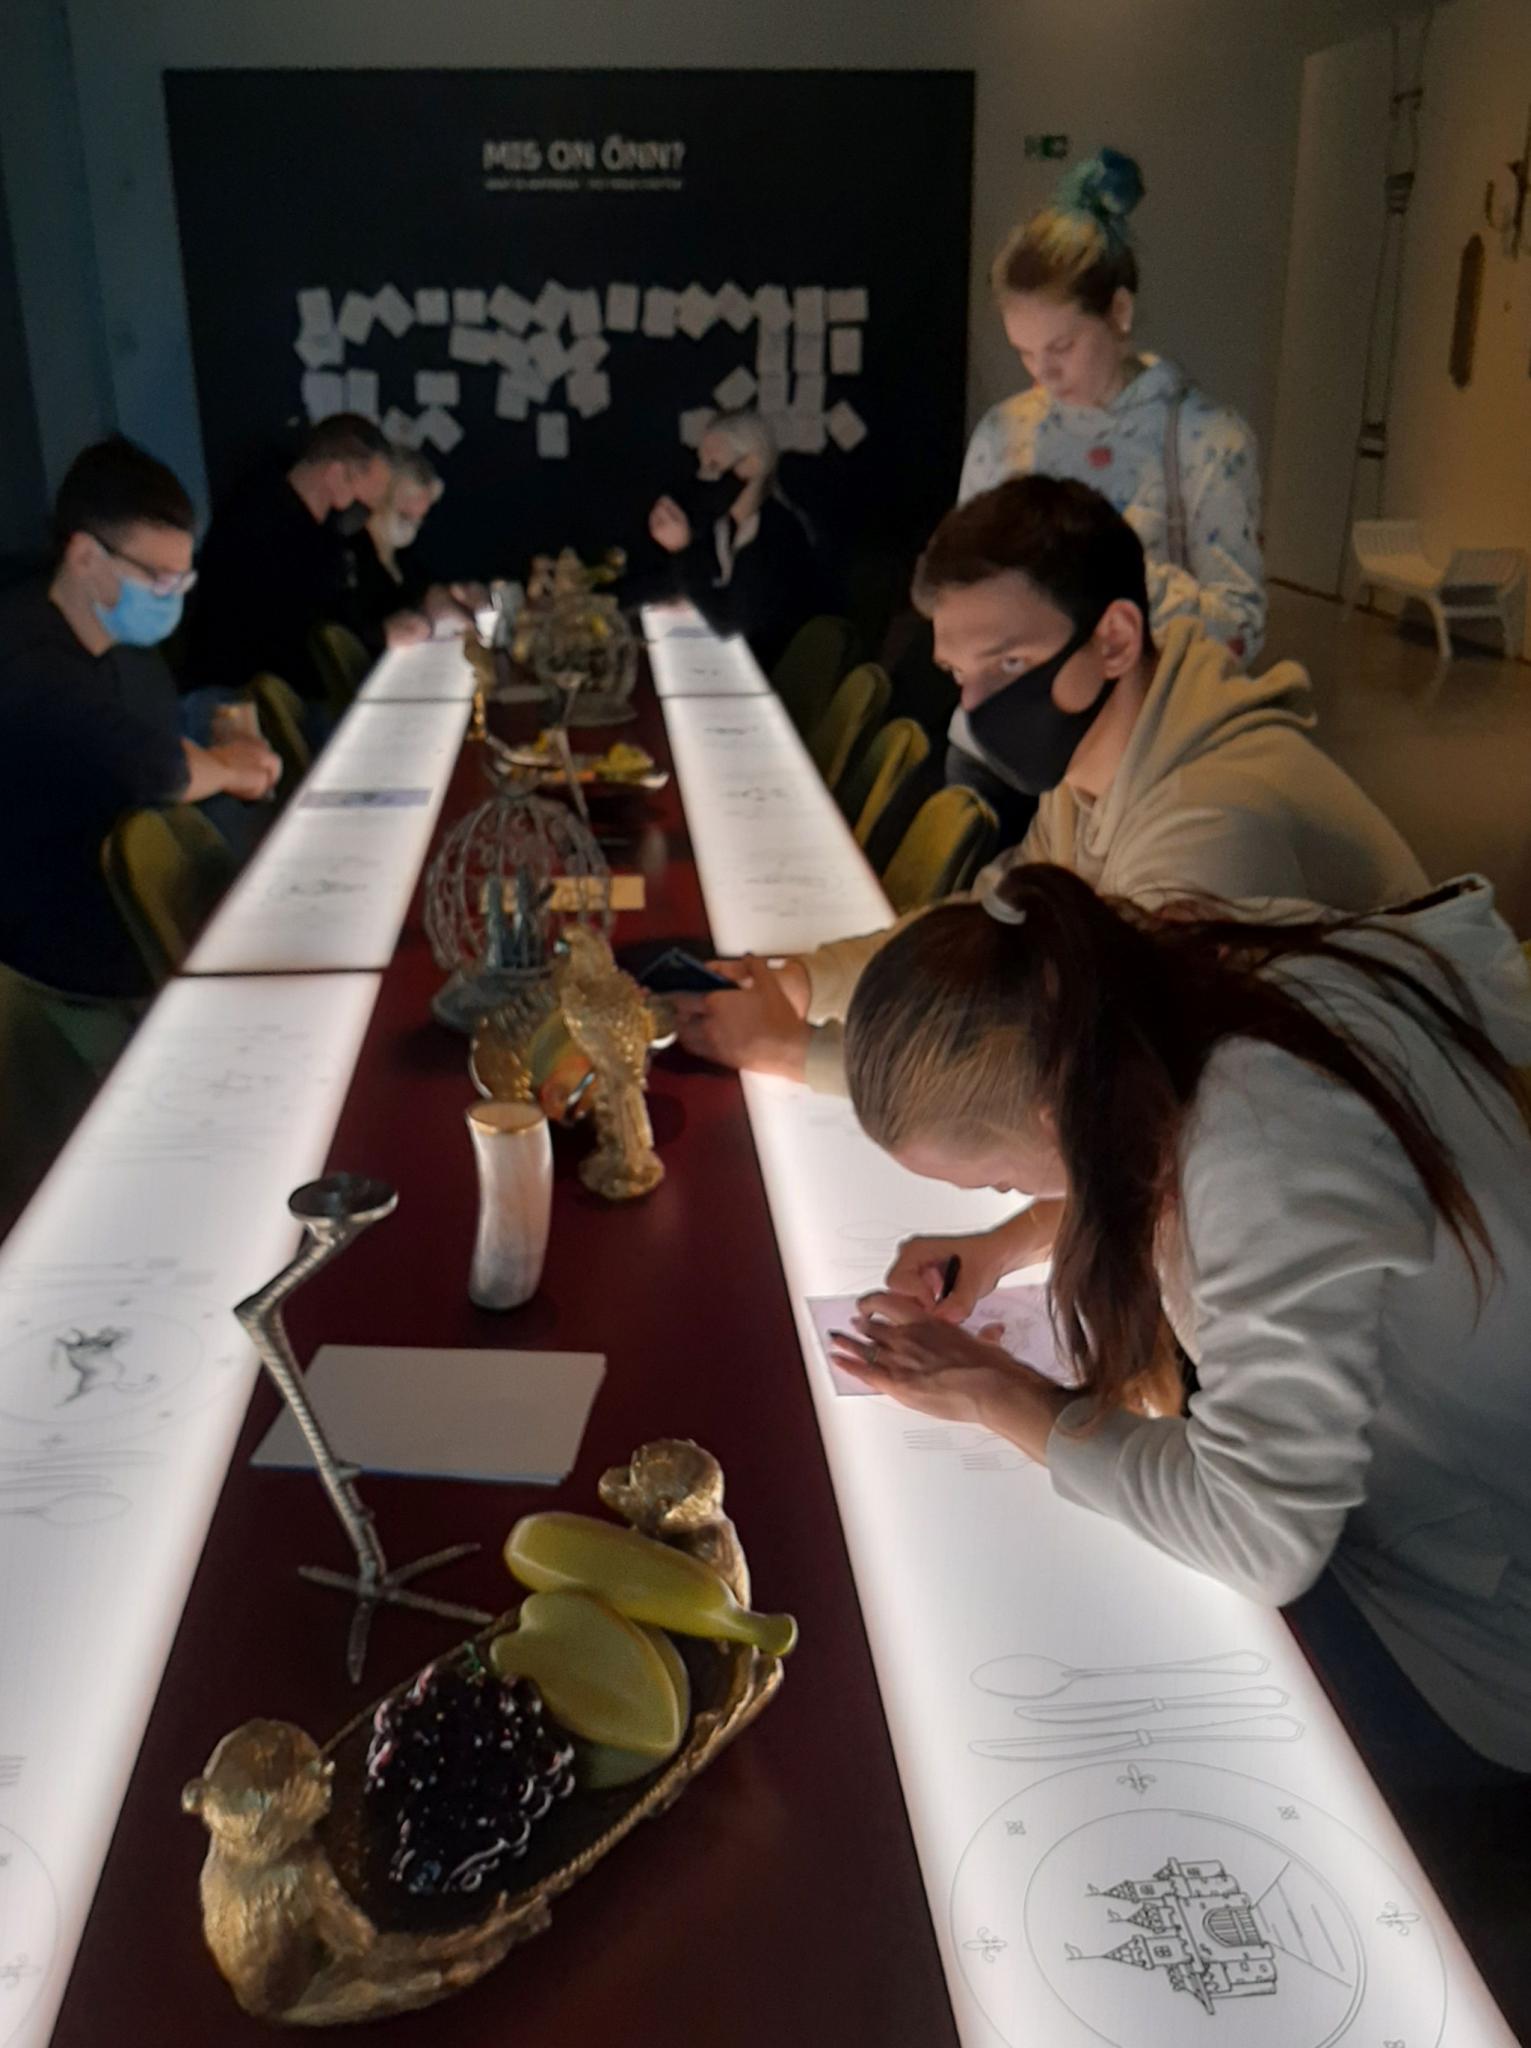 Õpilased tegutsemas  helendava laua taga. Taustal sein teemal